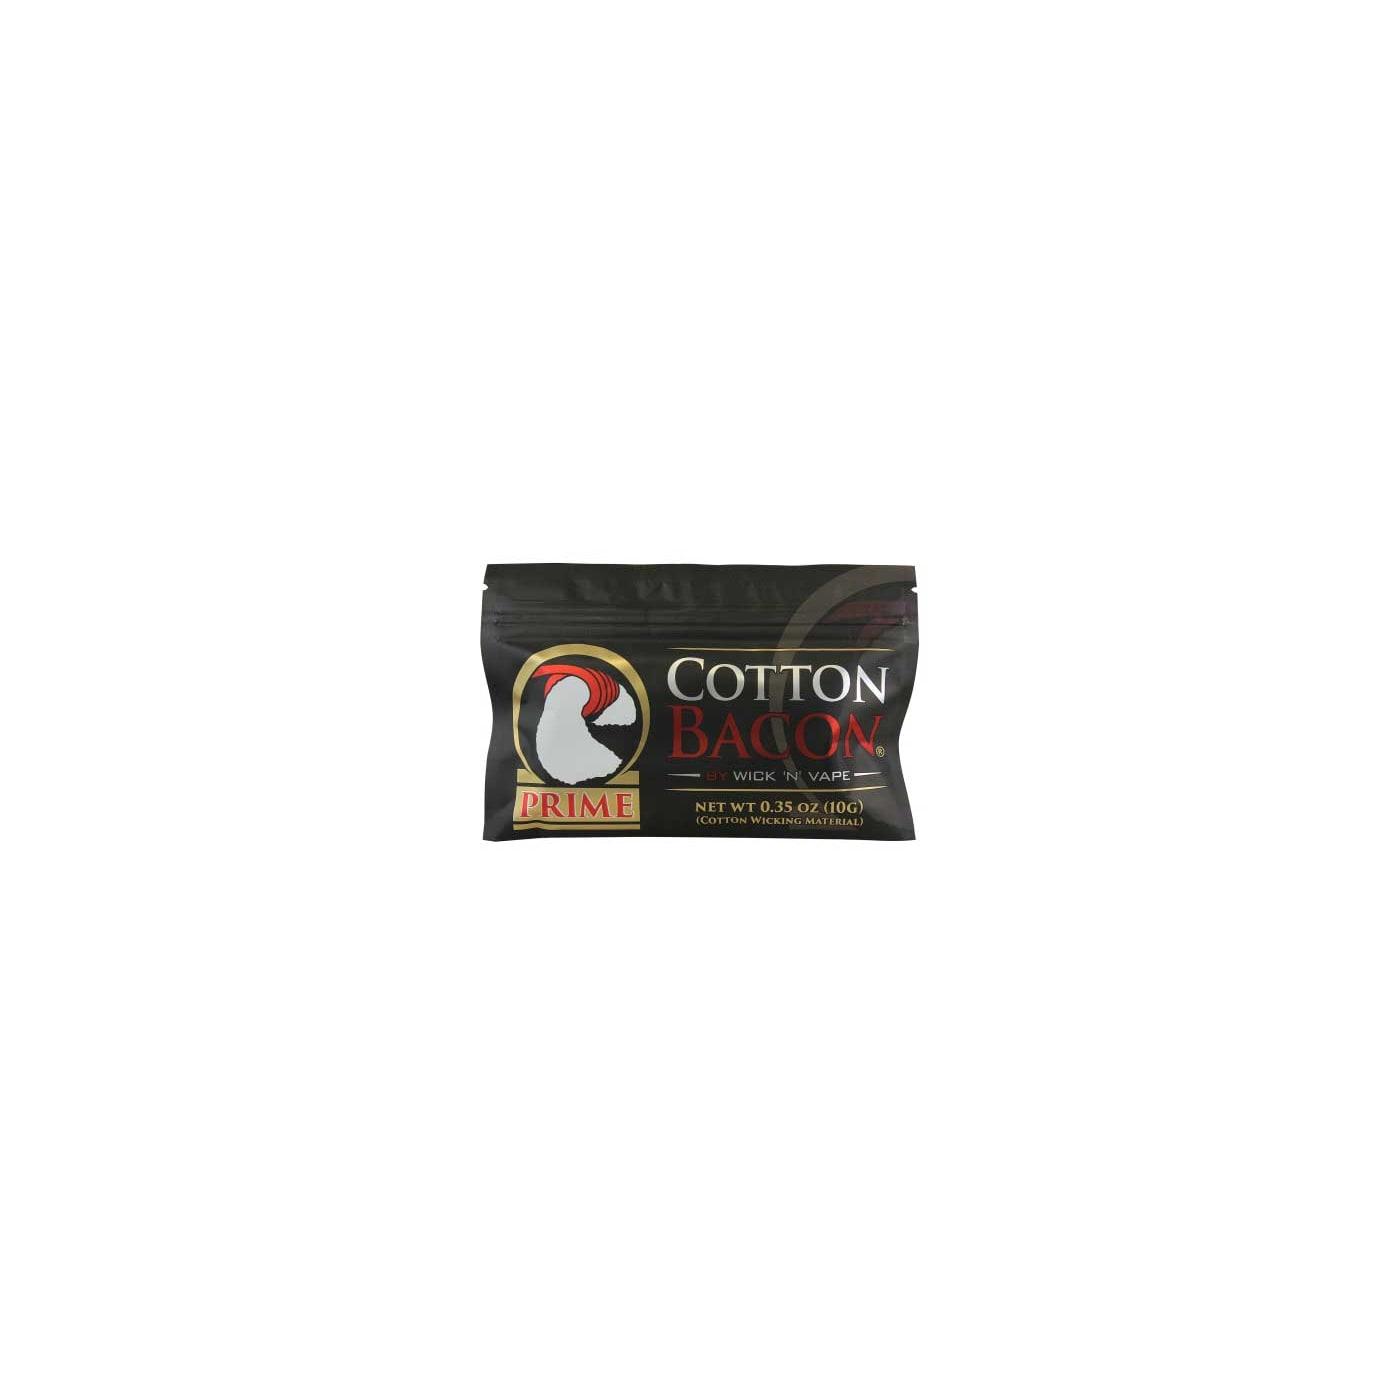 Cotton Bacon Prime - 10 pc